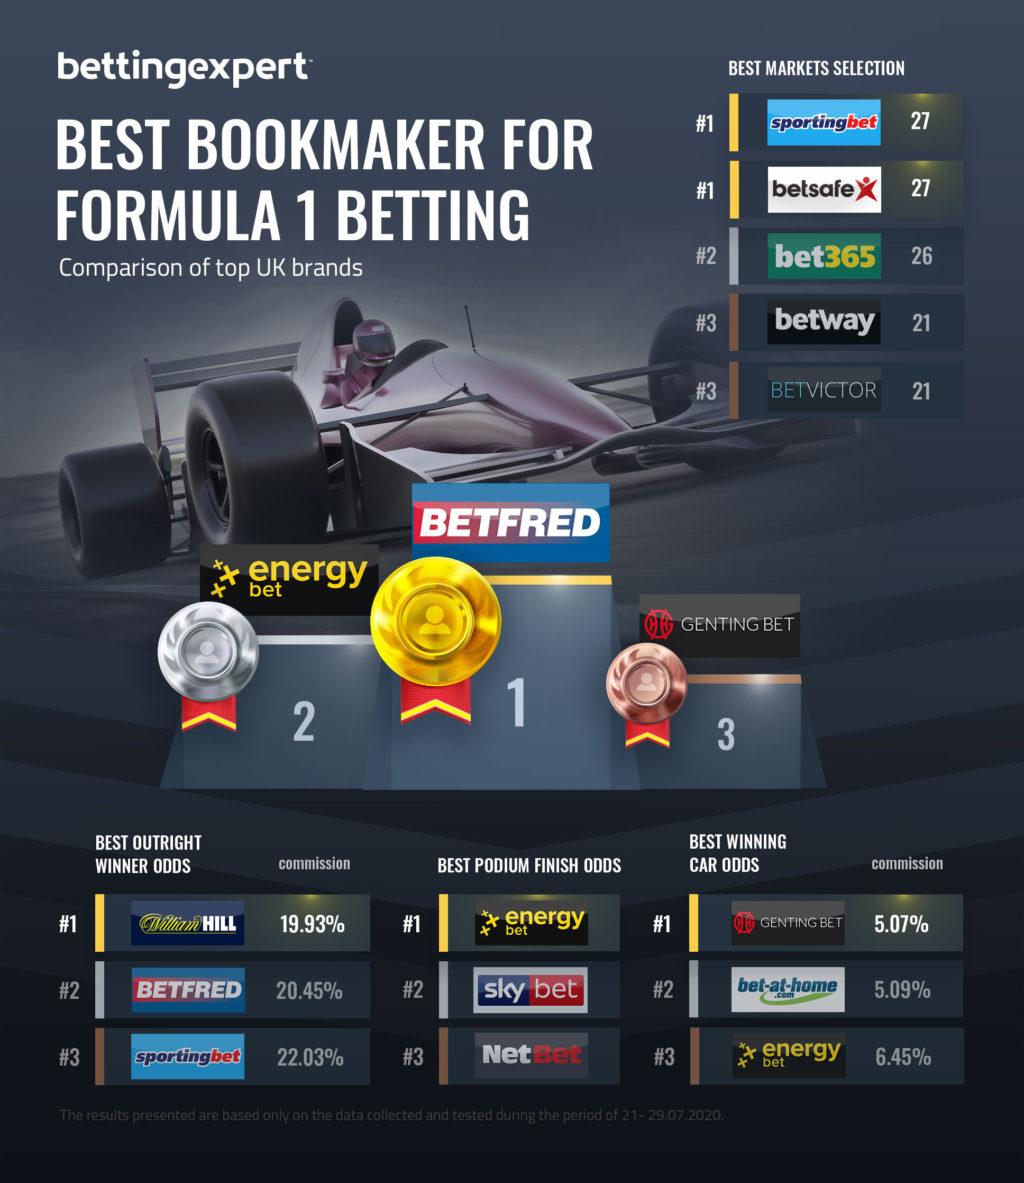 Best Bookmaker For Formula 1